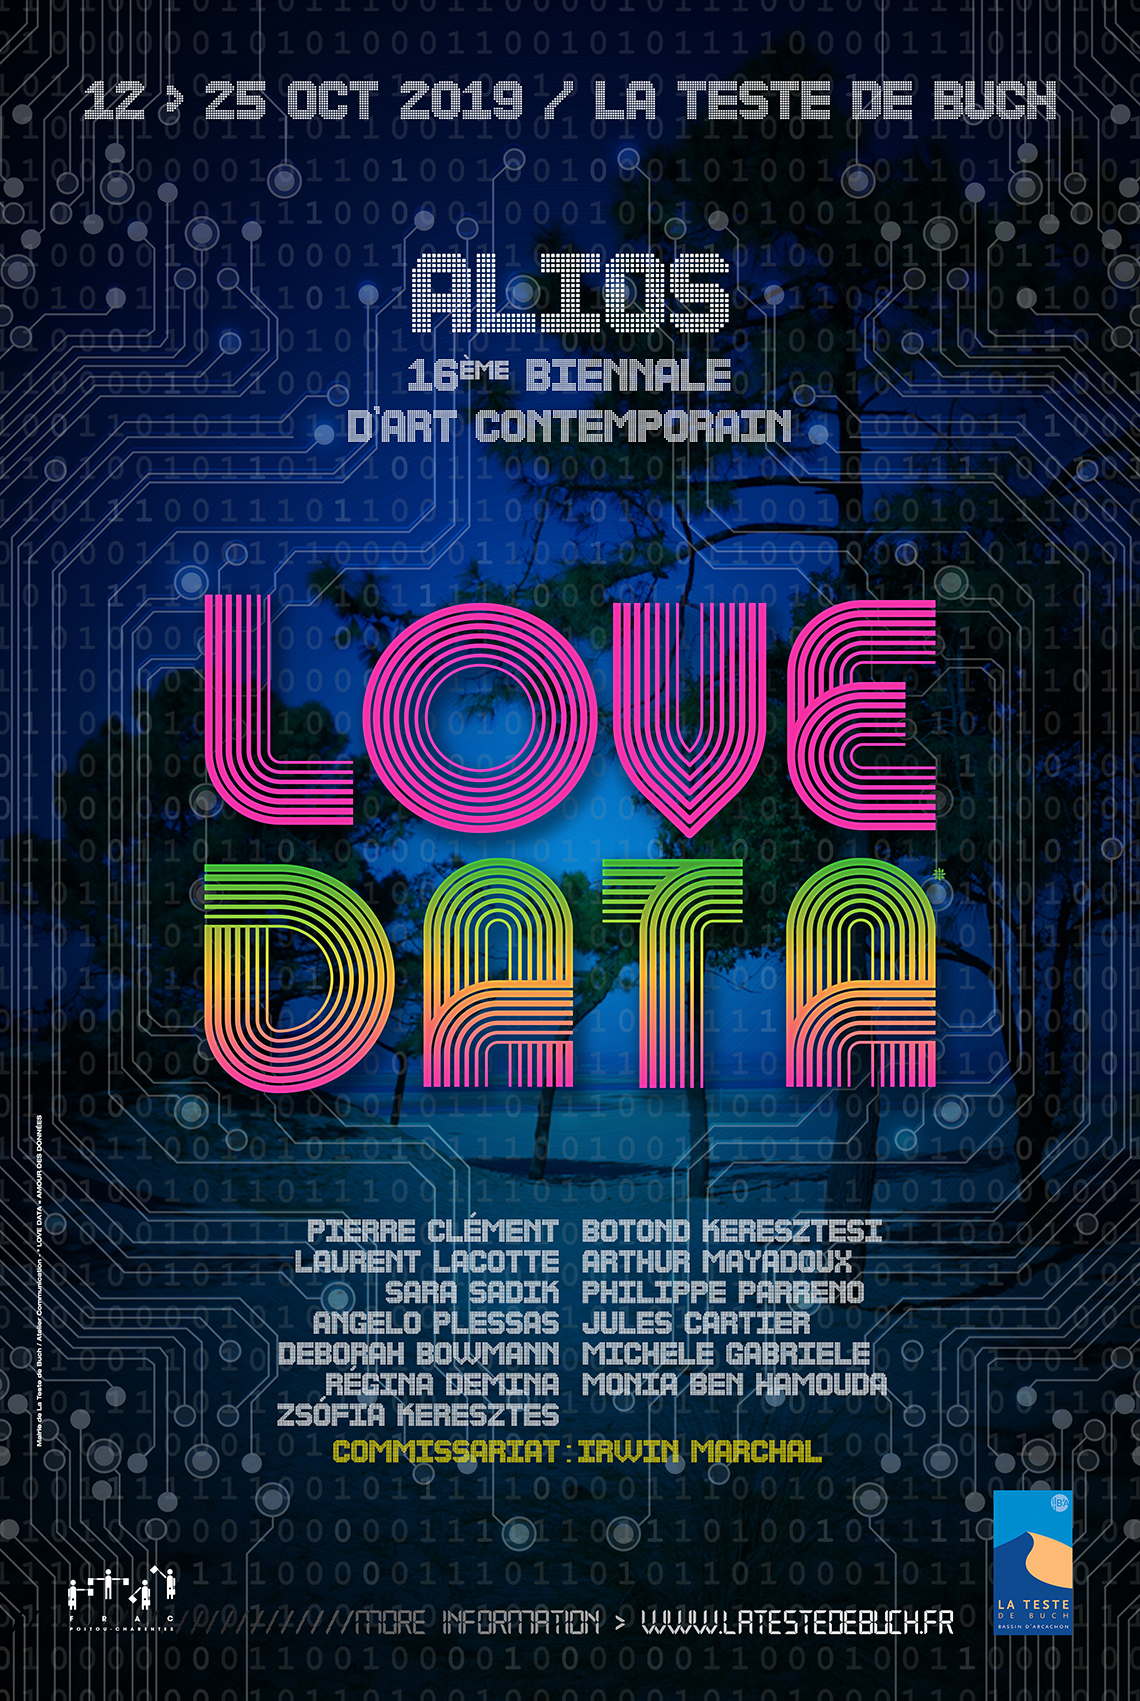 AFFICHE LOVE DATA